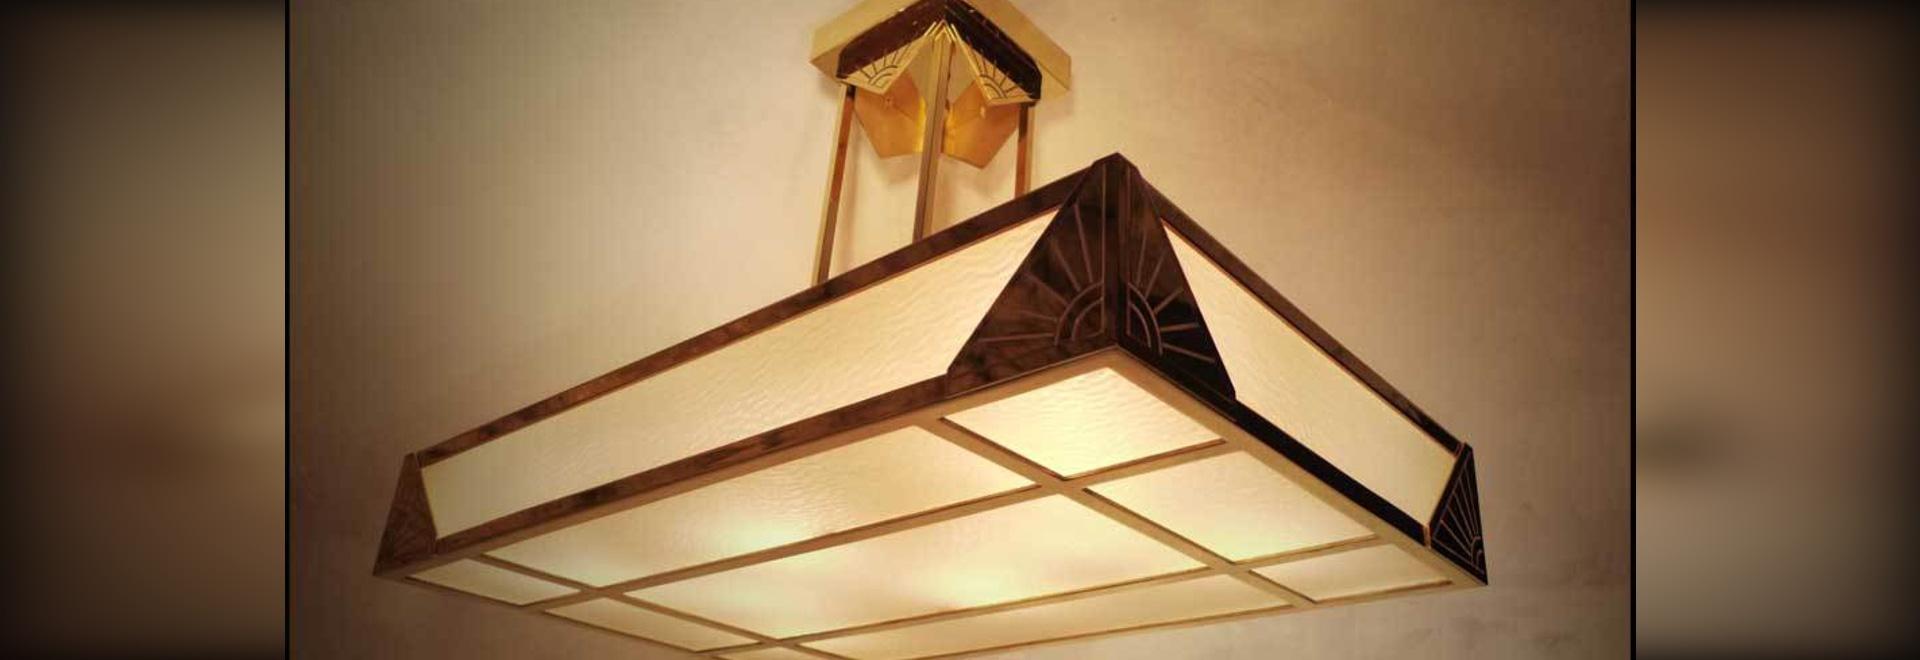 Illuminazione in vetro d'ottone ed opaco